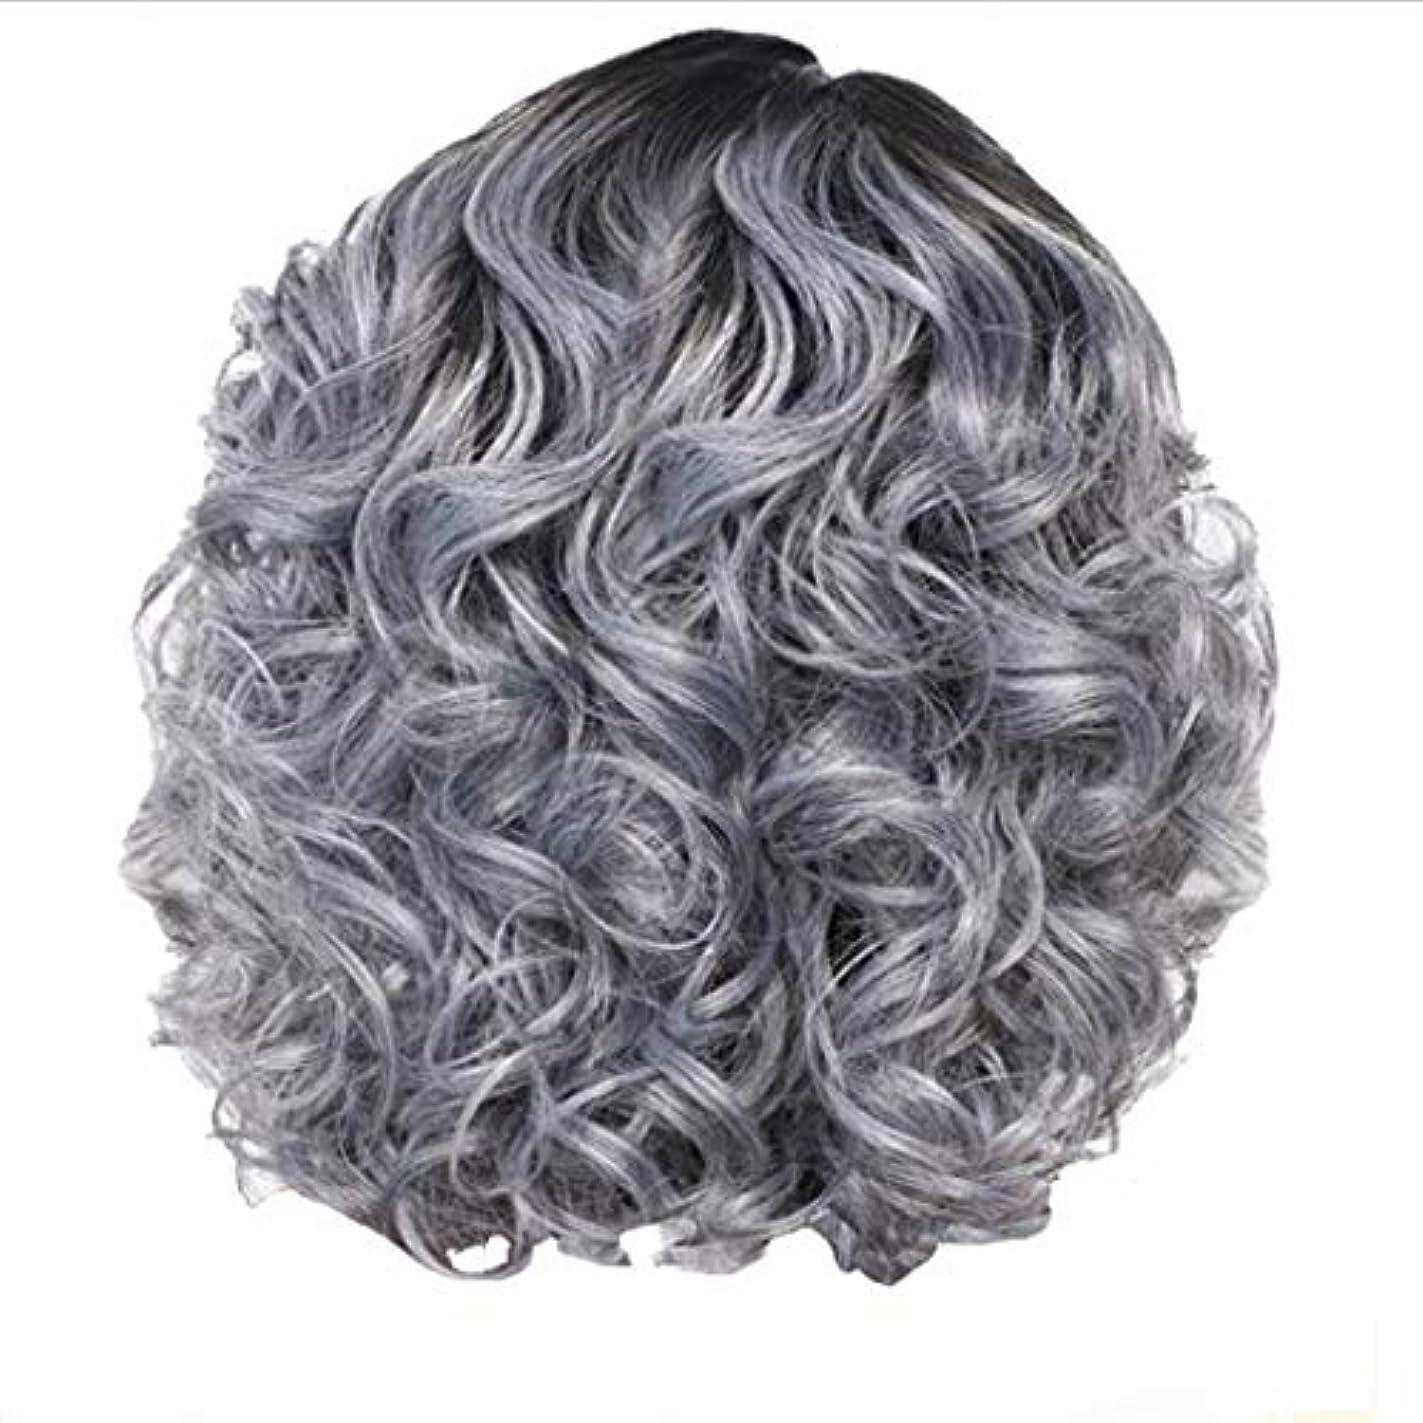 投資するプレゼンターラオス人かつら女性の短い巻き毛シルバーグレーレトロ巻き毛ネット30 cm